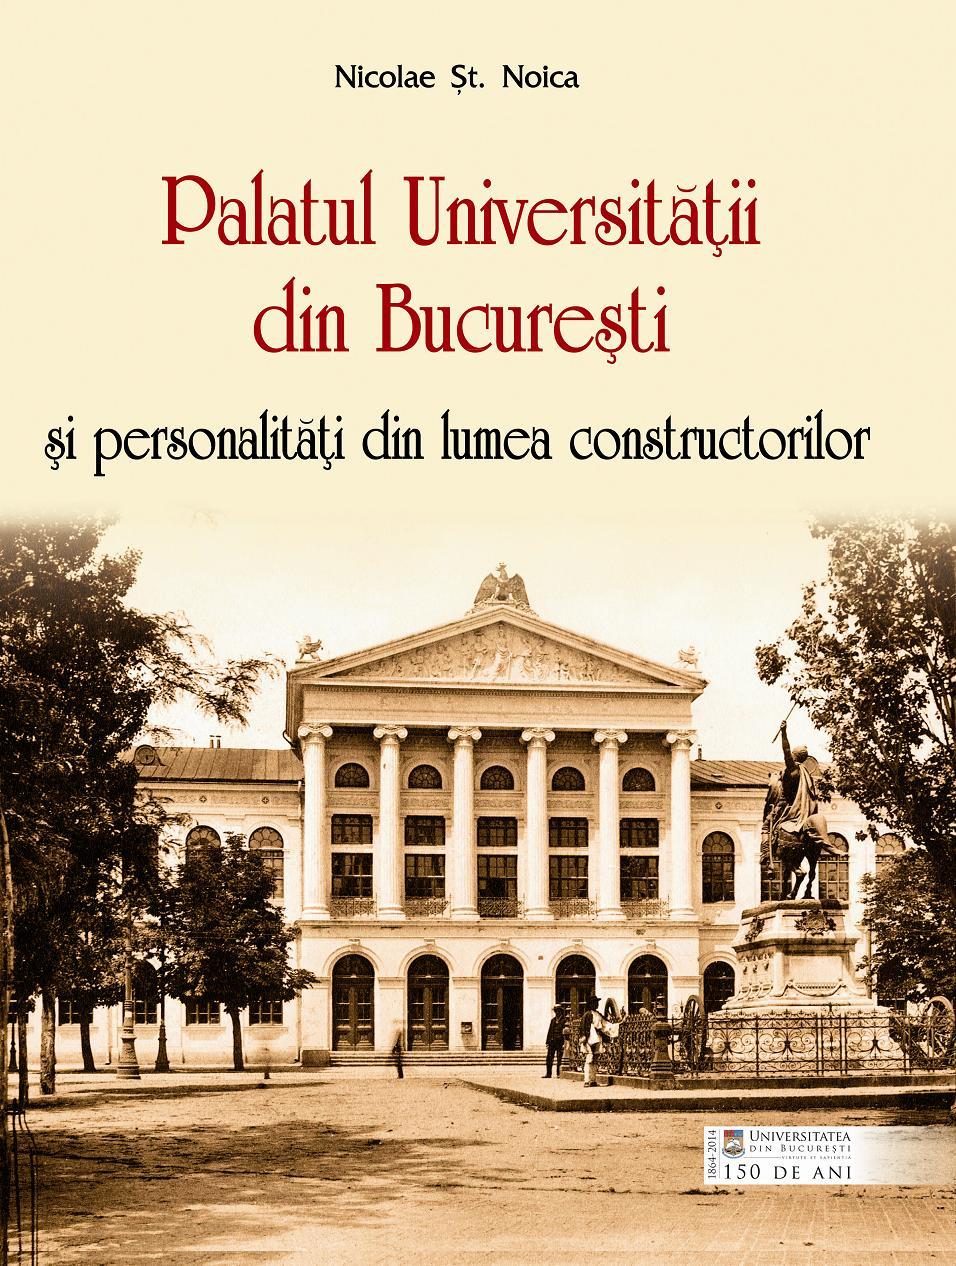 Palatul Universitatii